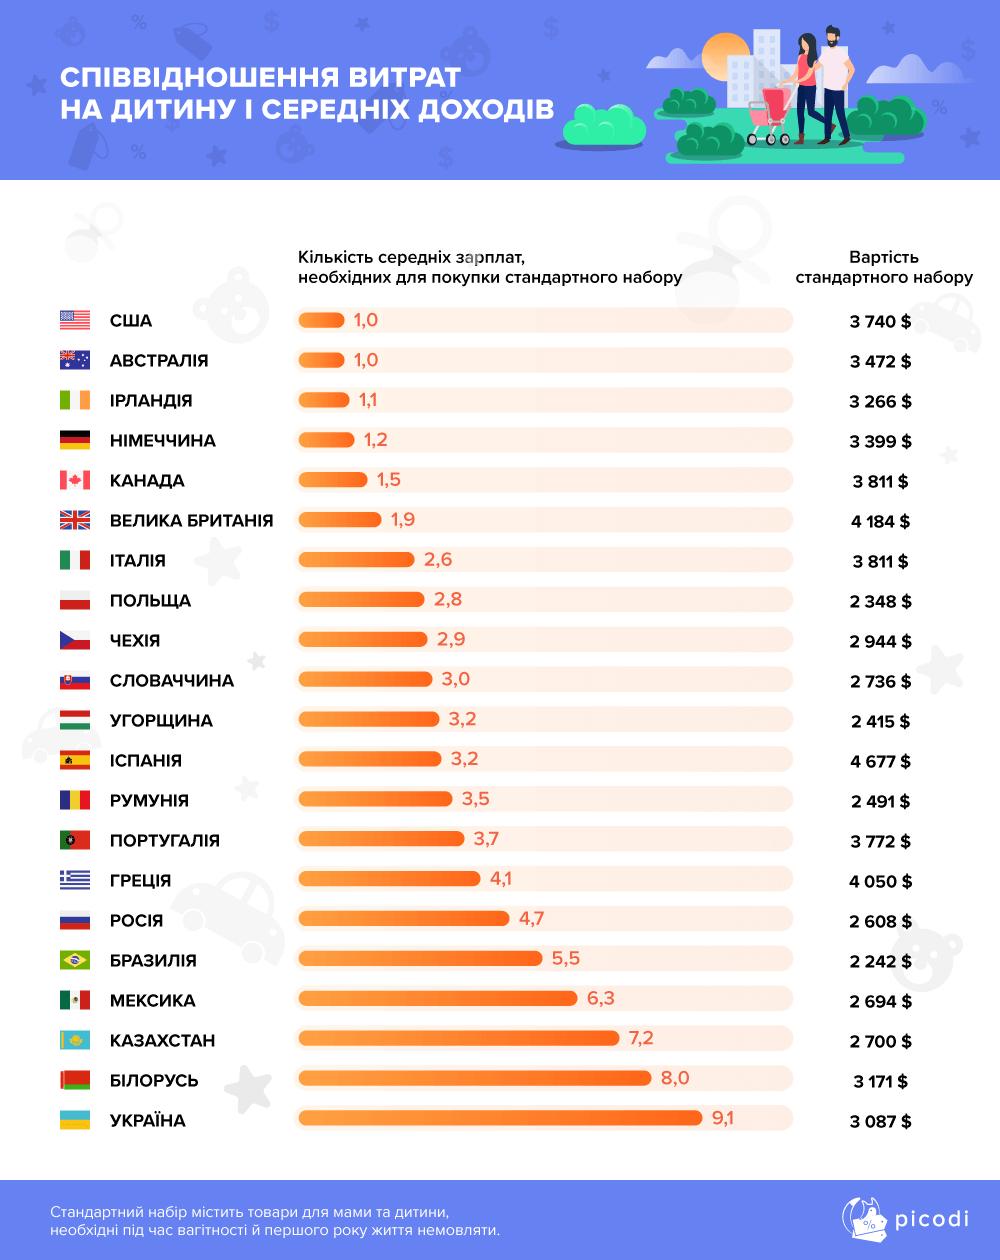 Сколько стоит «родить» ребёнка в странах ЕС (инфографика)